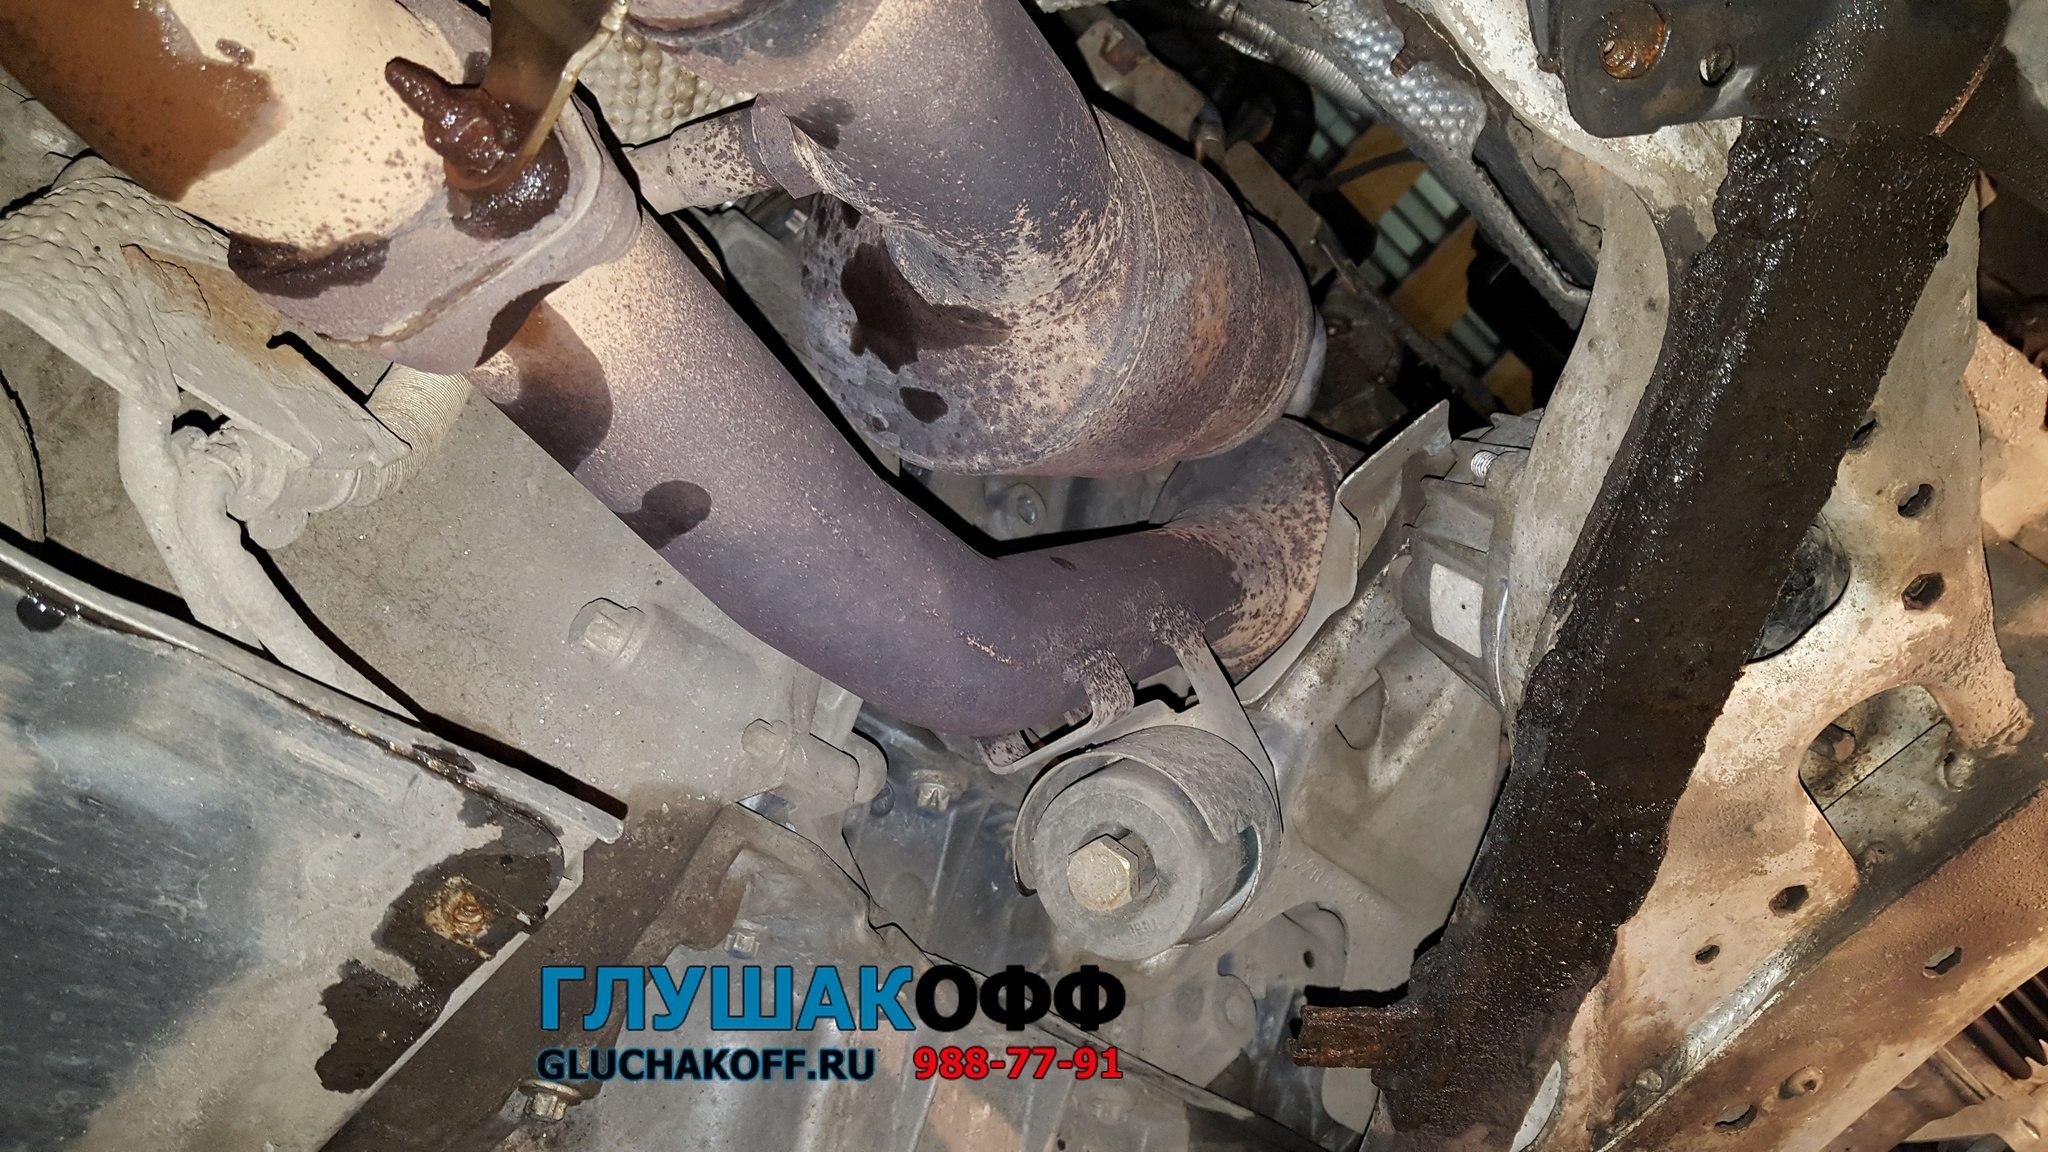 BMW 325i Е90 - Ремонт и замена катализаторов на универсальные